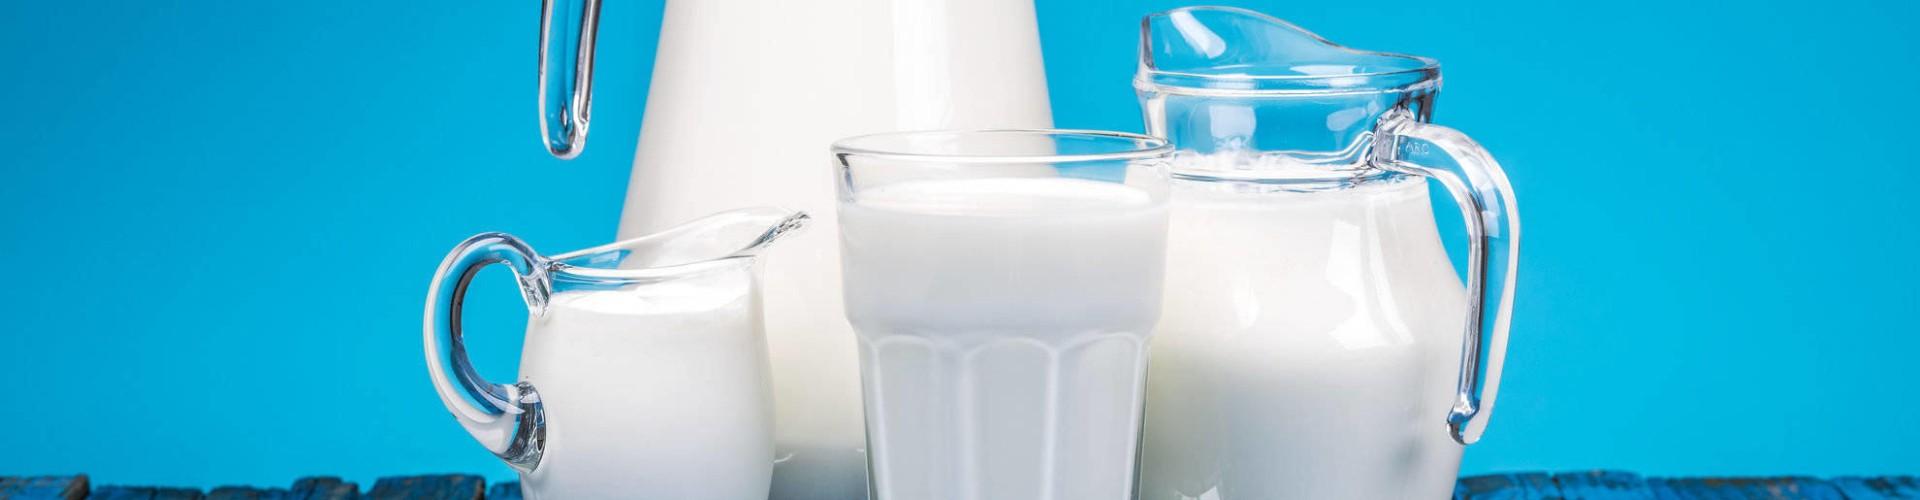 Latte Valtellinese prodotto nei pascoli in alta montagna.